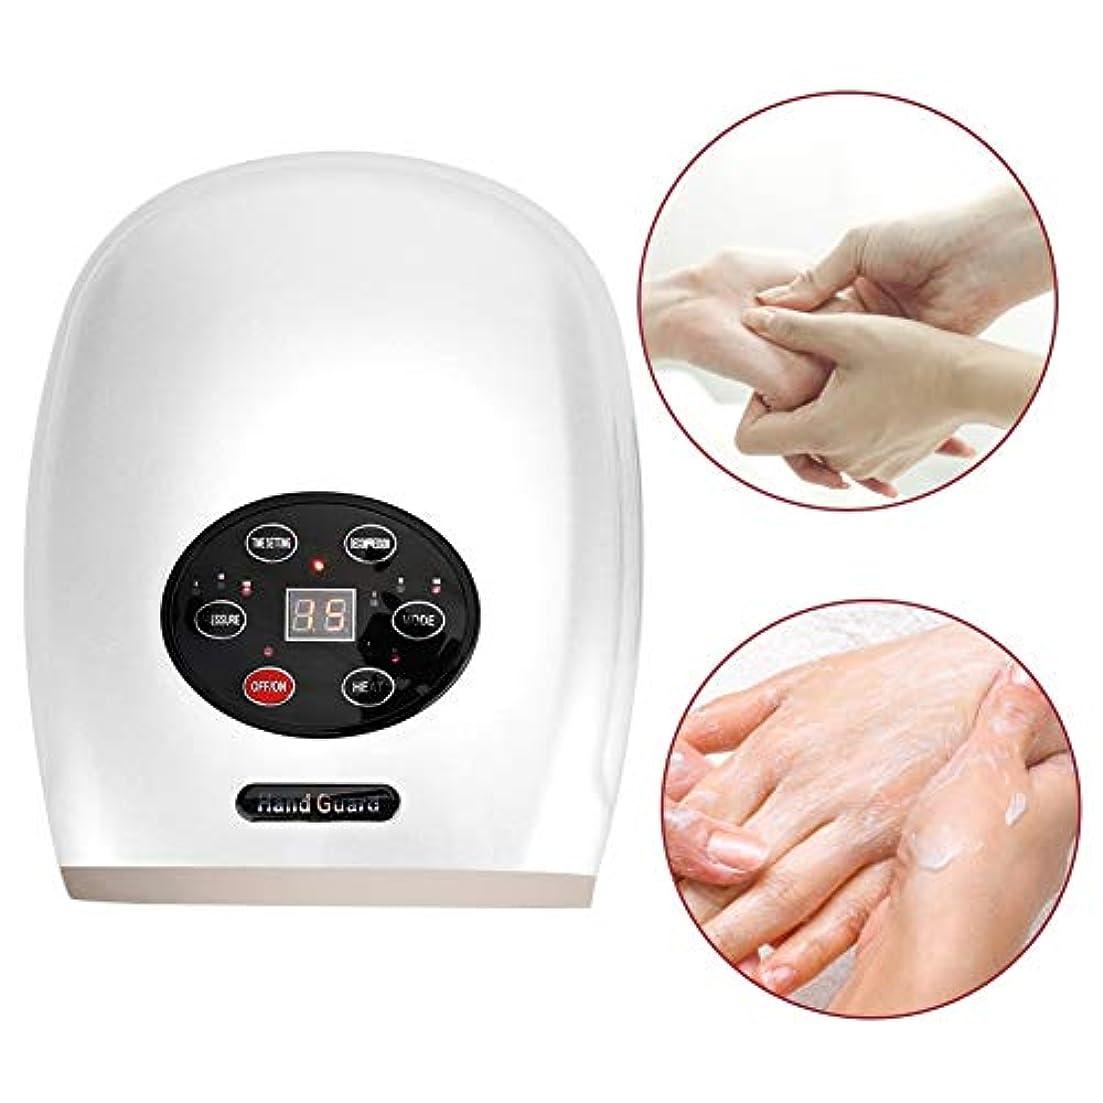 しなければならない昼食ライム空気圧のハンドマッサージャー、USBの電気指の心配は修理のための熱圧縮の機械を緩めます荒い手の皮を柔らかくします(白)